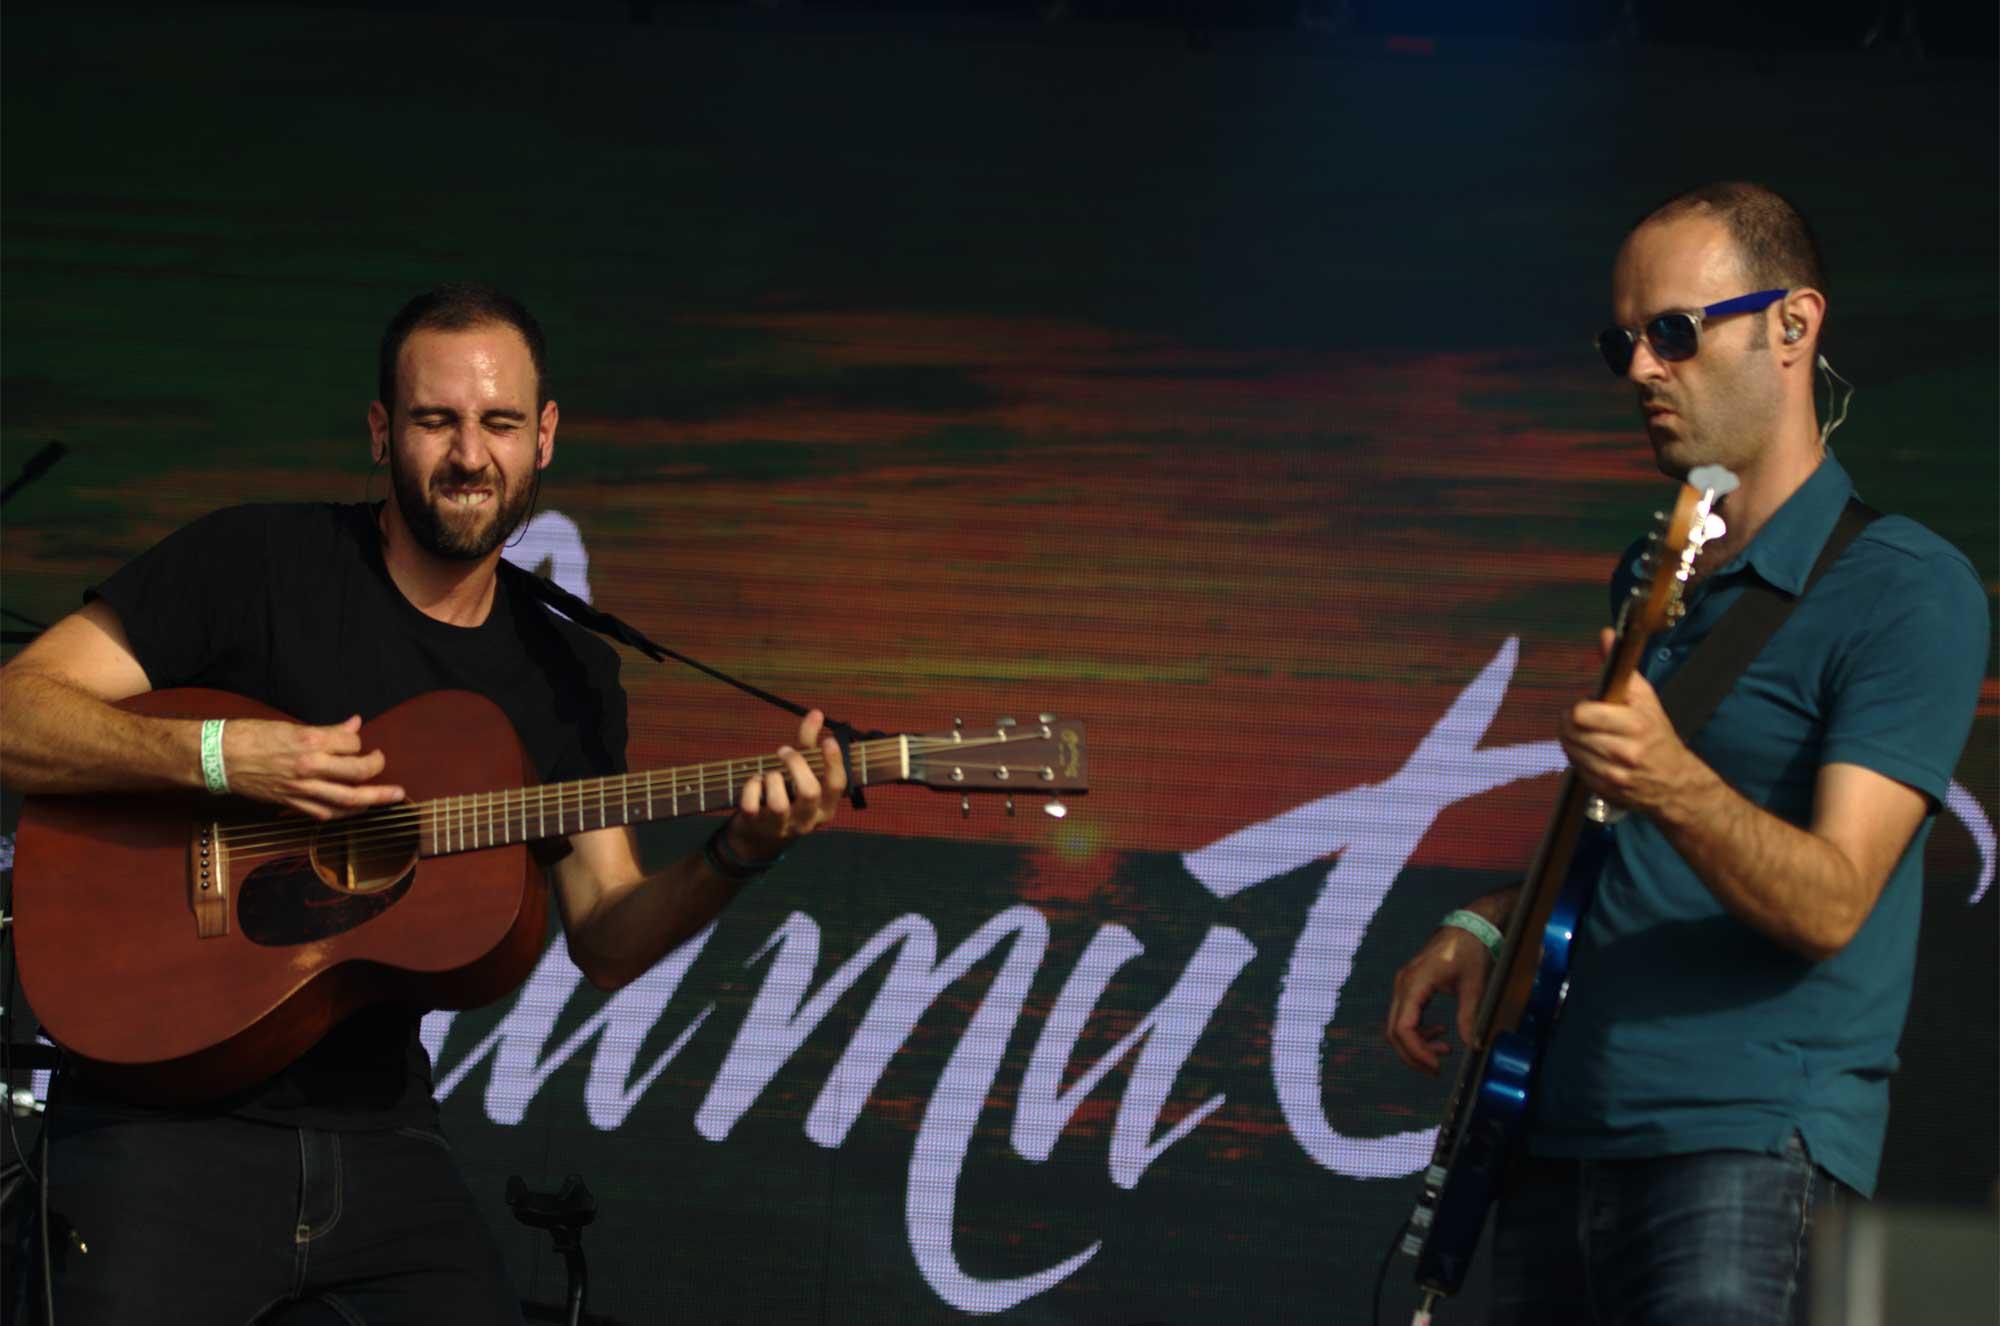 El grup Blaumut -a l'esquerra, Xavi de la Iglesia, i a la dreta, Manuel Krapovickas- actuant al Canet Rock 2016.